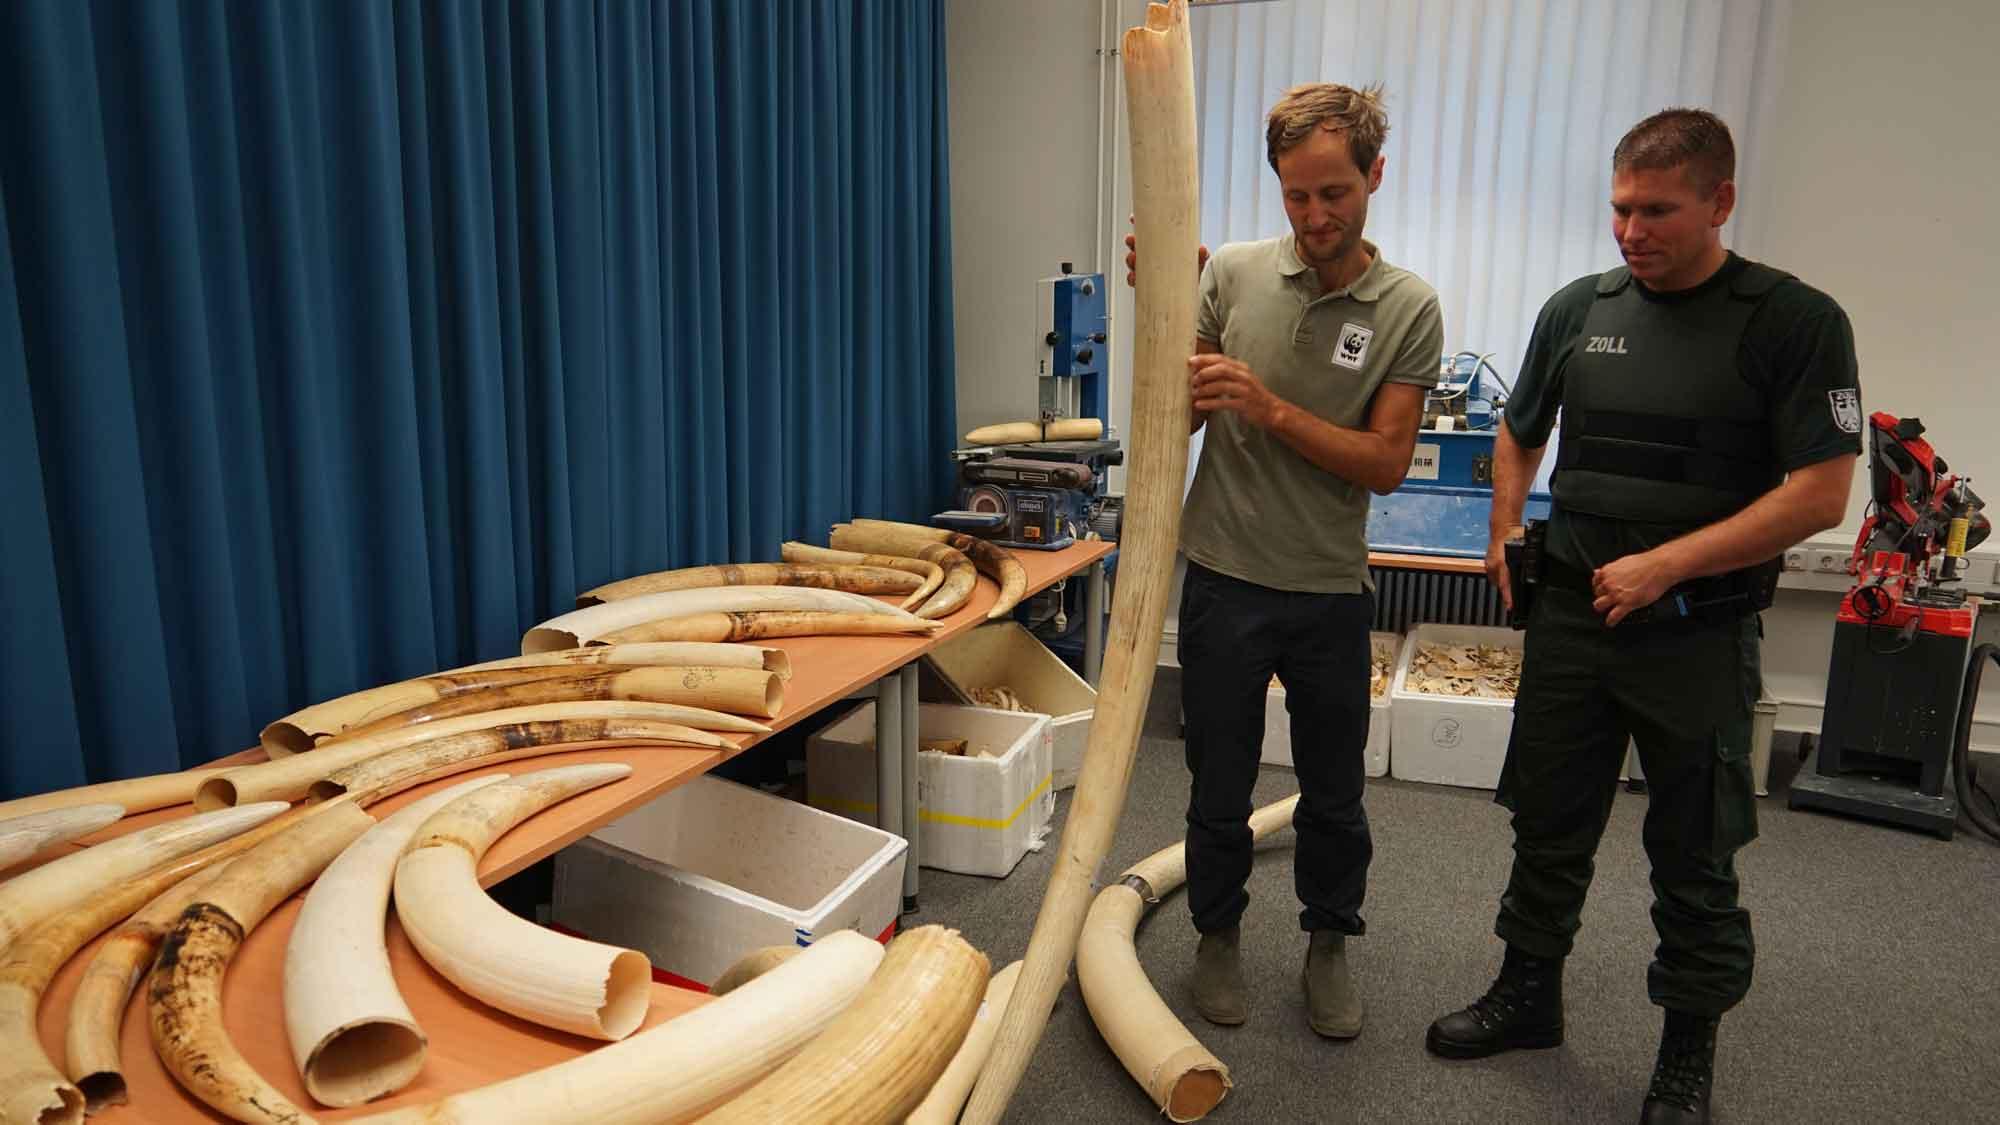 Am Flughafen Berlin-Schönefeld wurden 2017 ganze 600 Kilo Elfenbein aufgegriffen. © Robert Günter / WWF Deutschland